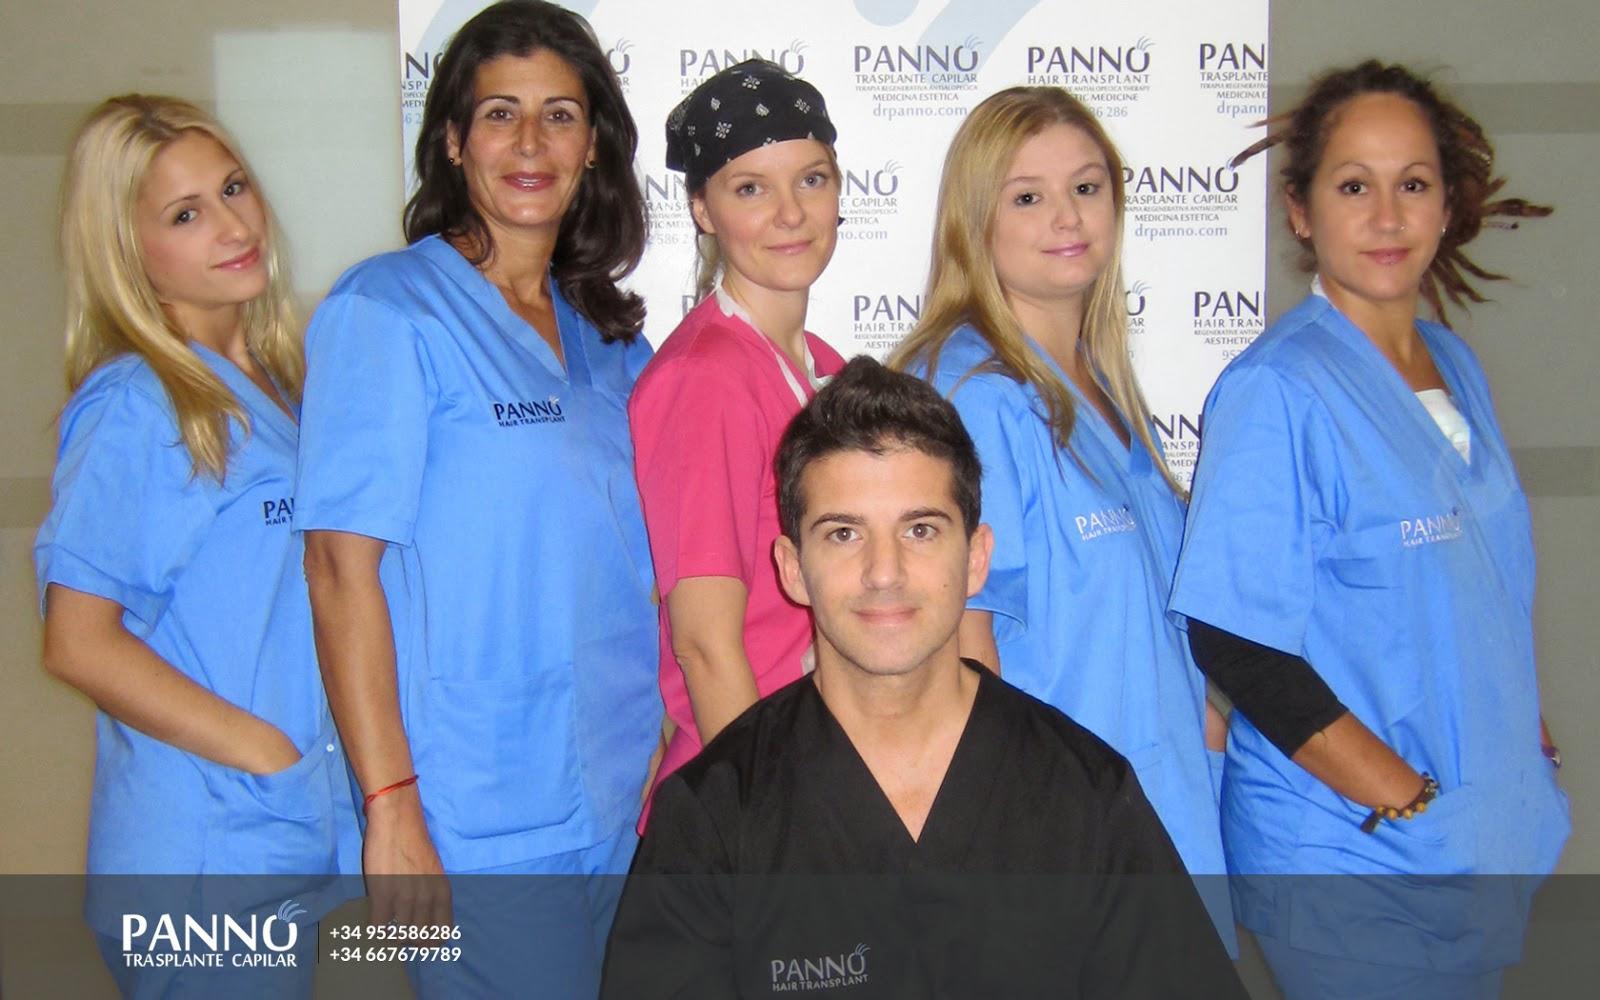 Promoción!!!, Oferta de trasplante capilar durante el Mundial de Futbol. Dr Panno